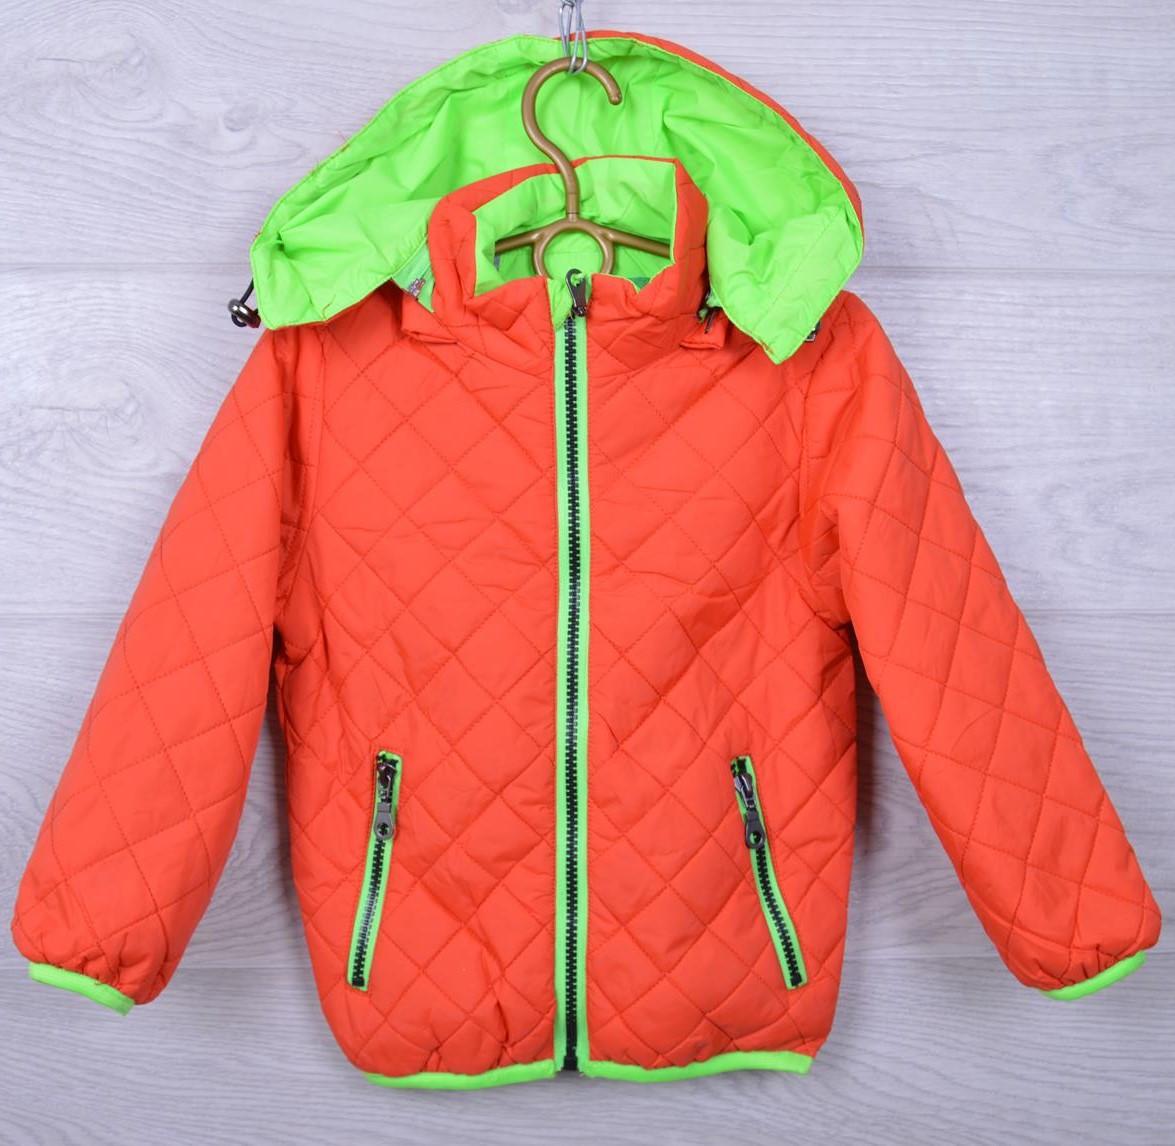 Куртка детская демисезонная 7-49 для мальчиков. 92-116 см (2-6 лет). Оранжевая. Оптом.